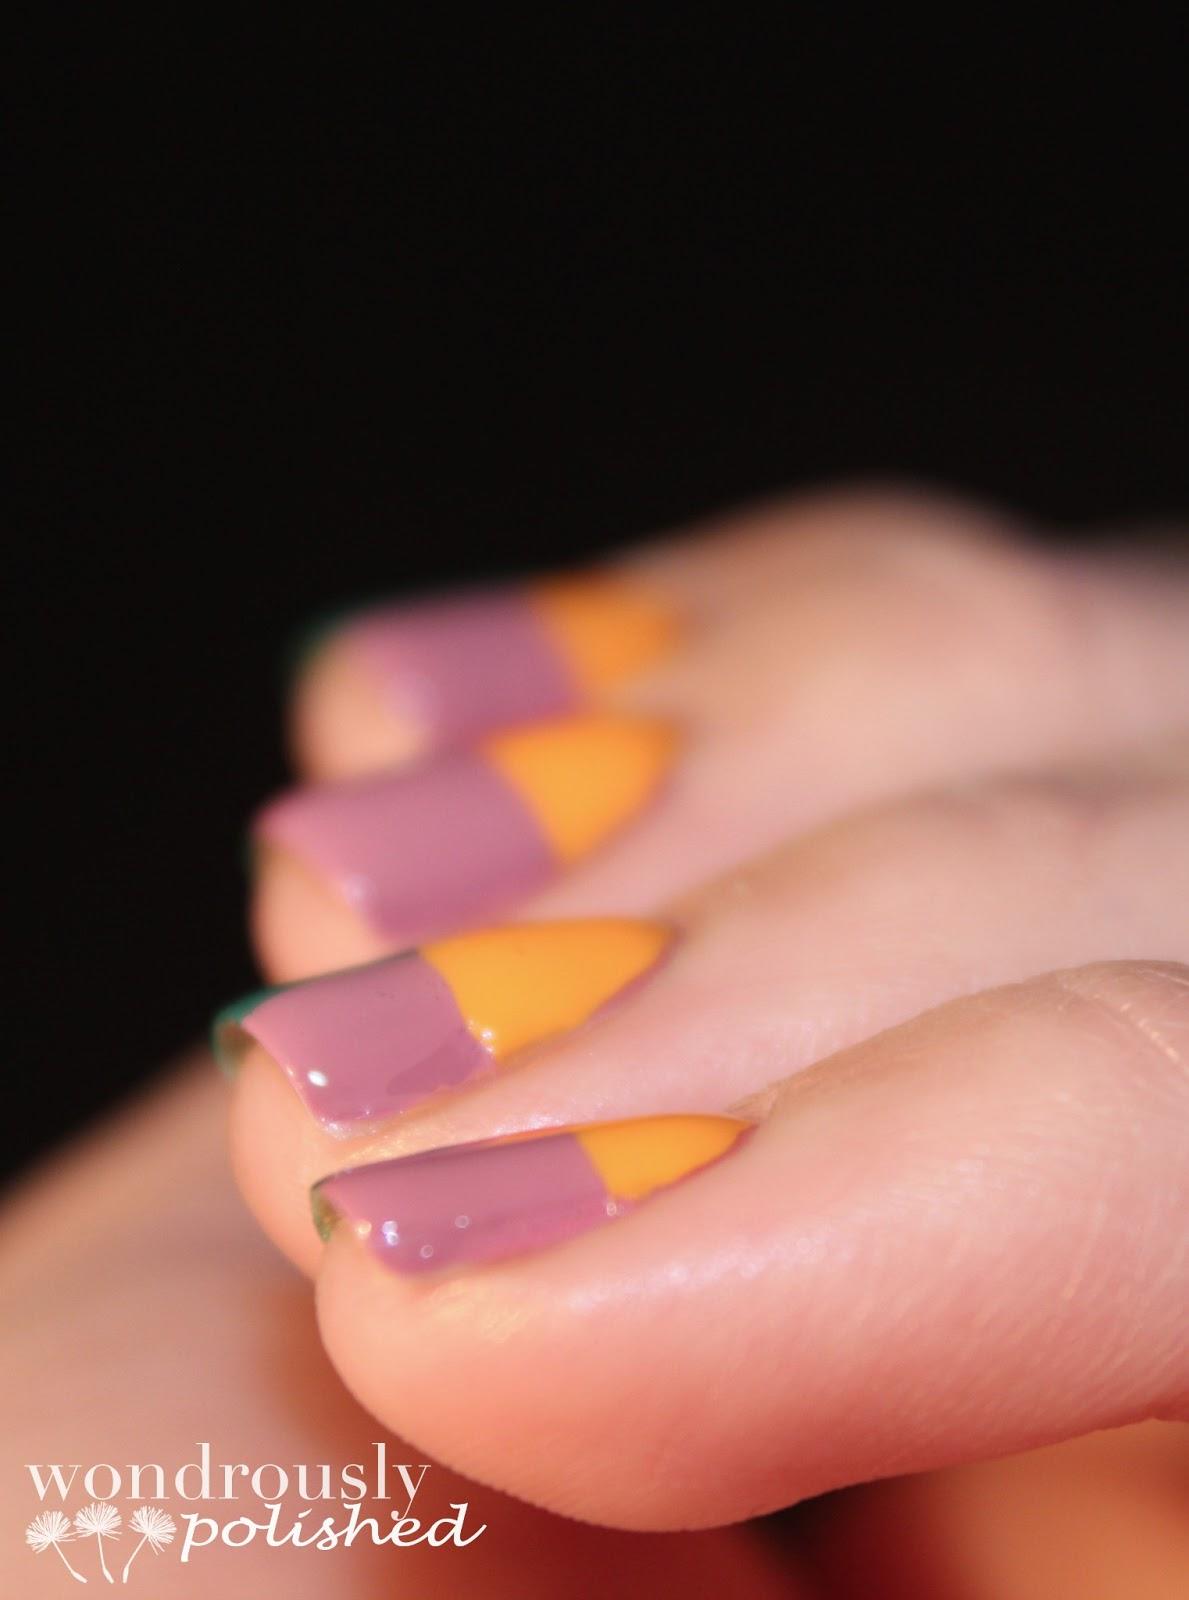 Wondrously Polished April Nail Art Challenge: Wondrously Polished: Julep Color Blocking